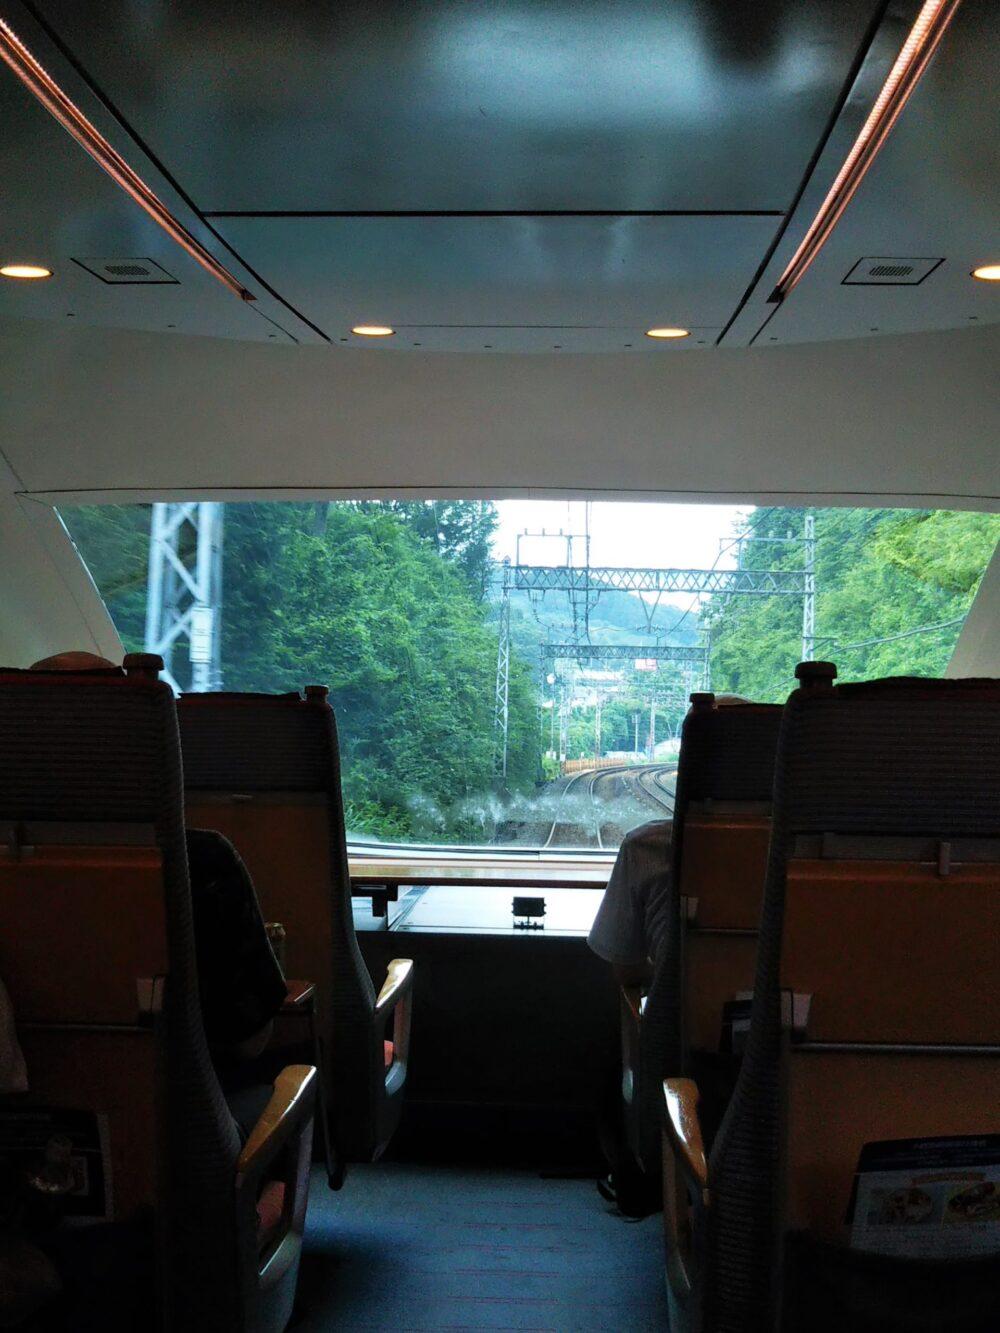 特急ロマンスカーVSEの展望席4列目9Bの座席から見える景色